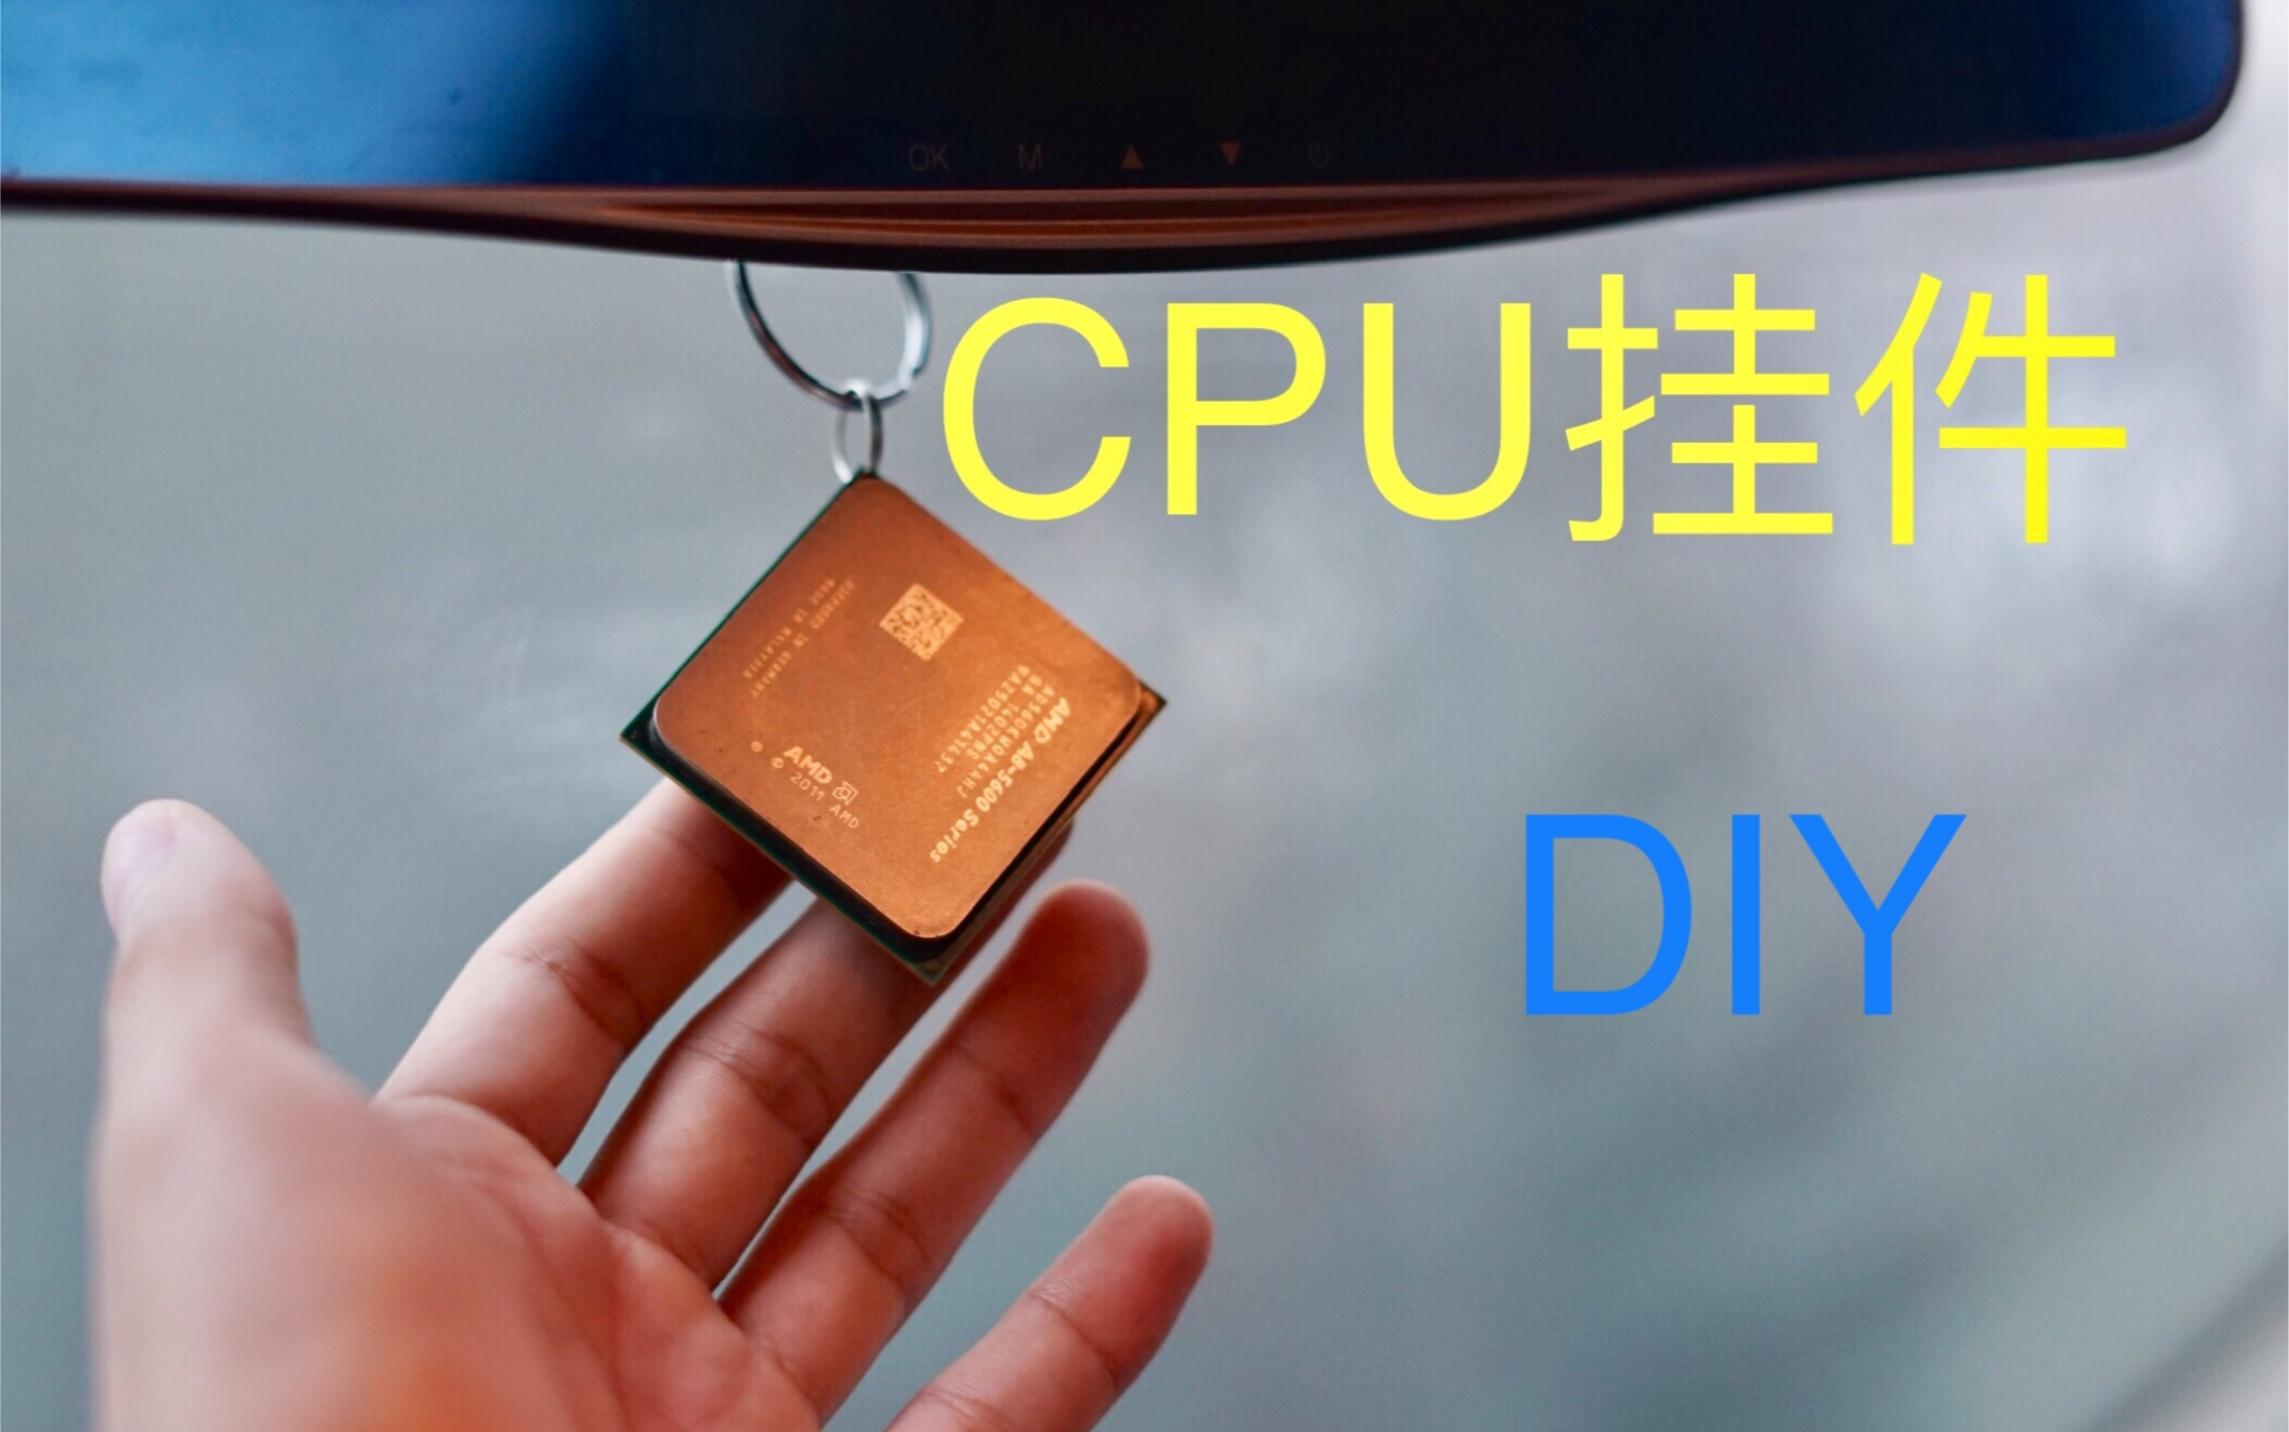 把陪我征战多年的CPU改成汽车挂件